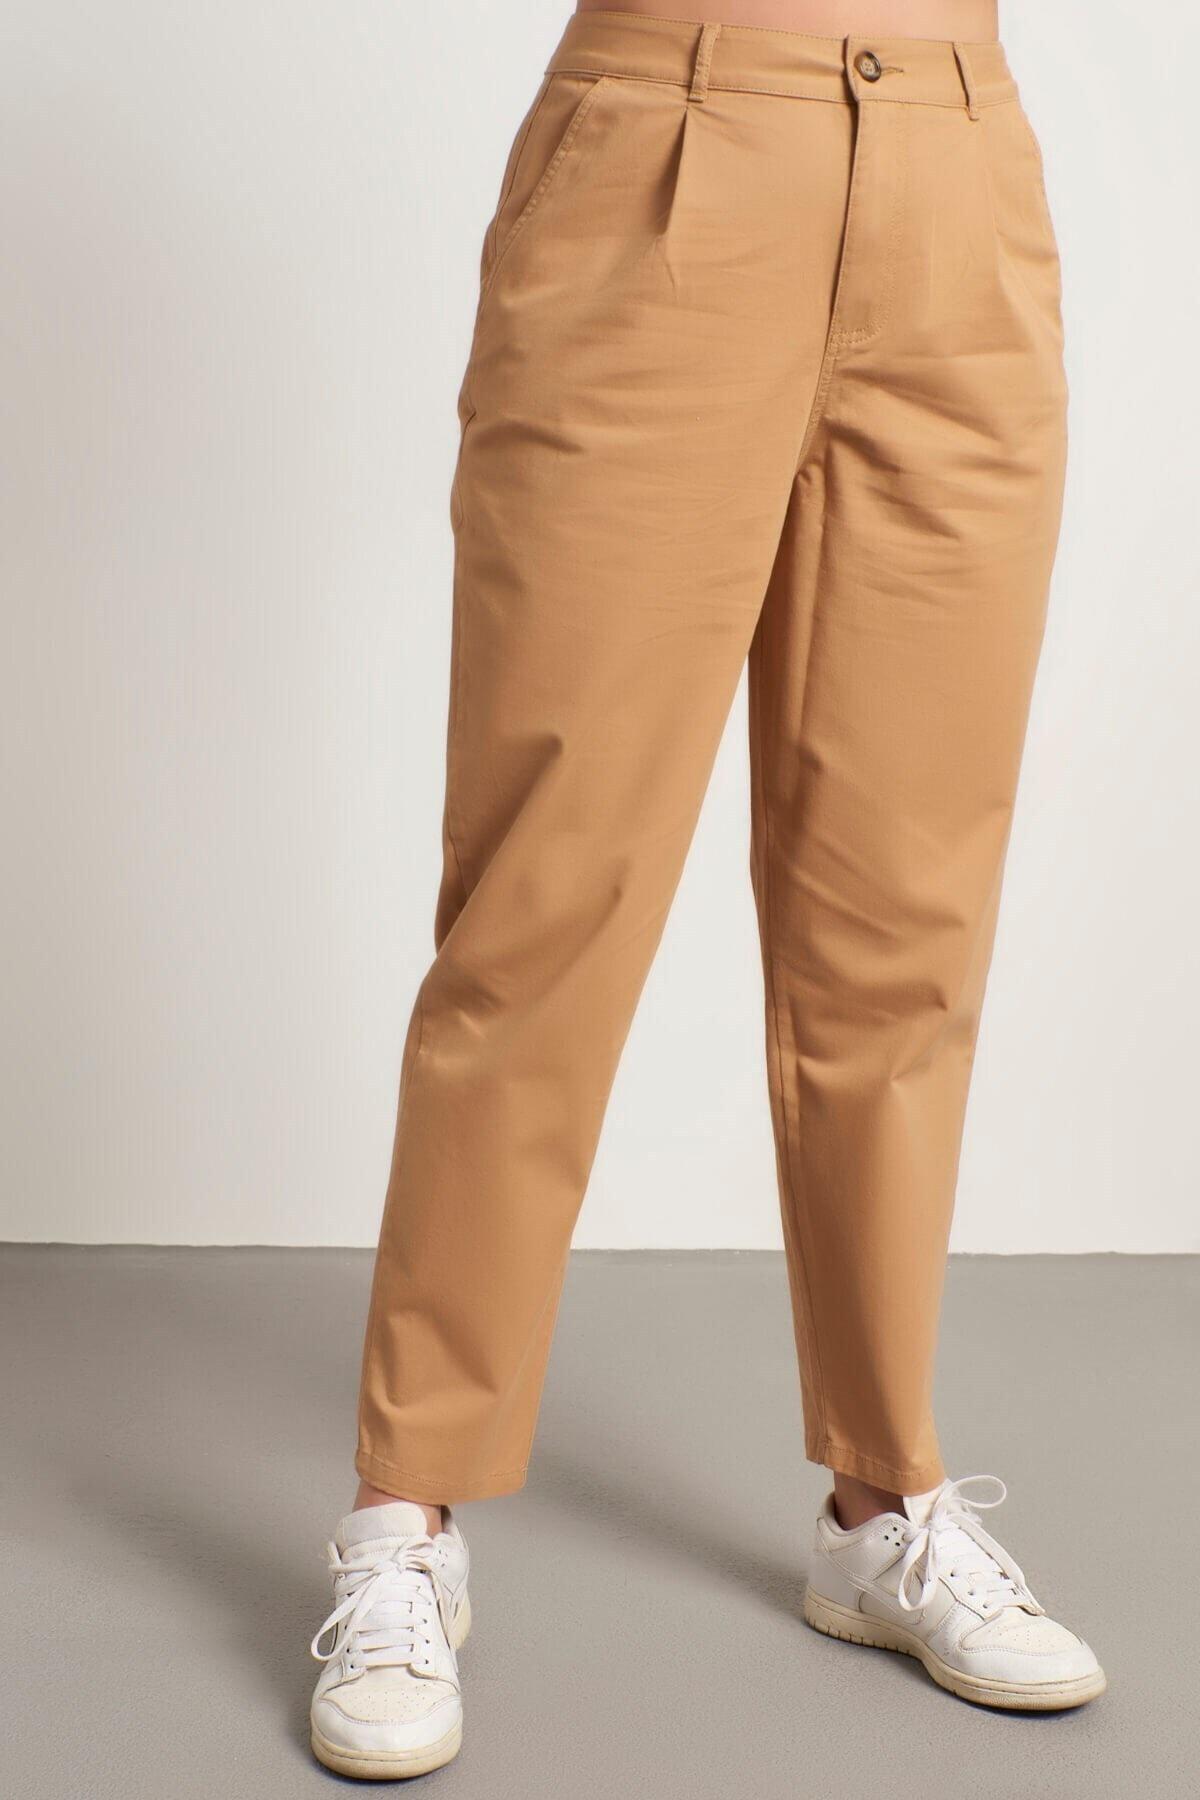 MYLİNE Kadın Bej Pileli Slouchy Pantolon 2